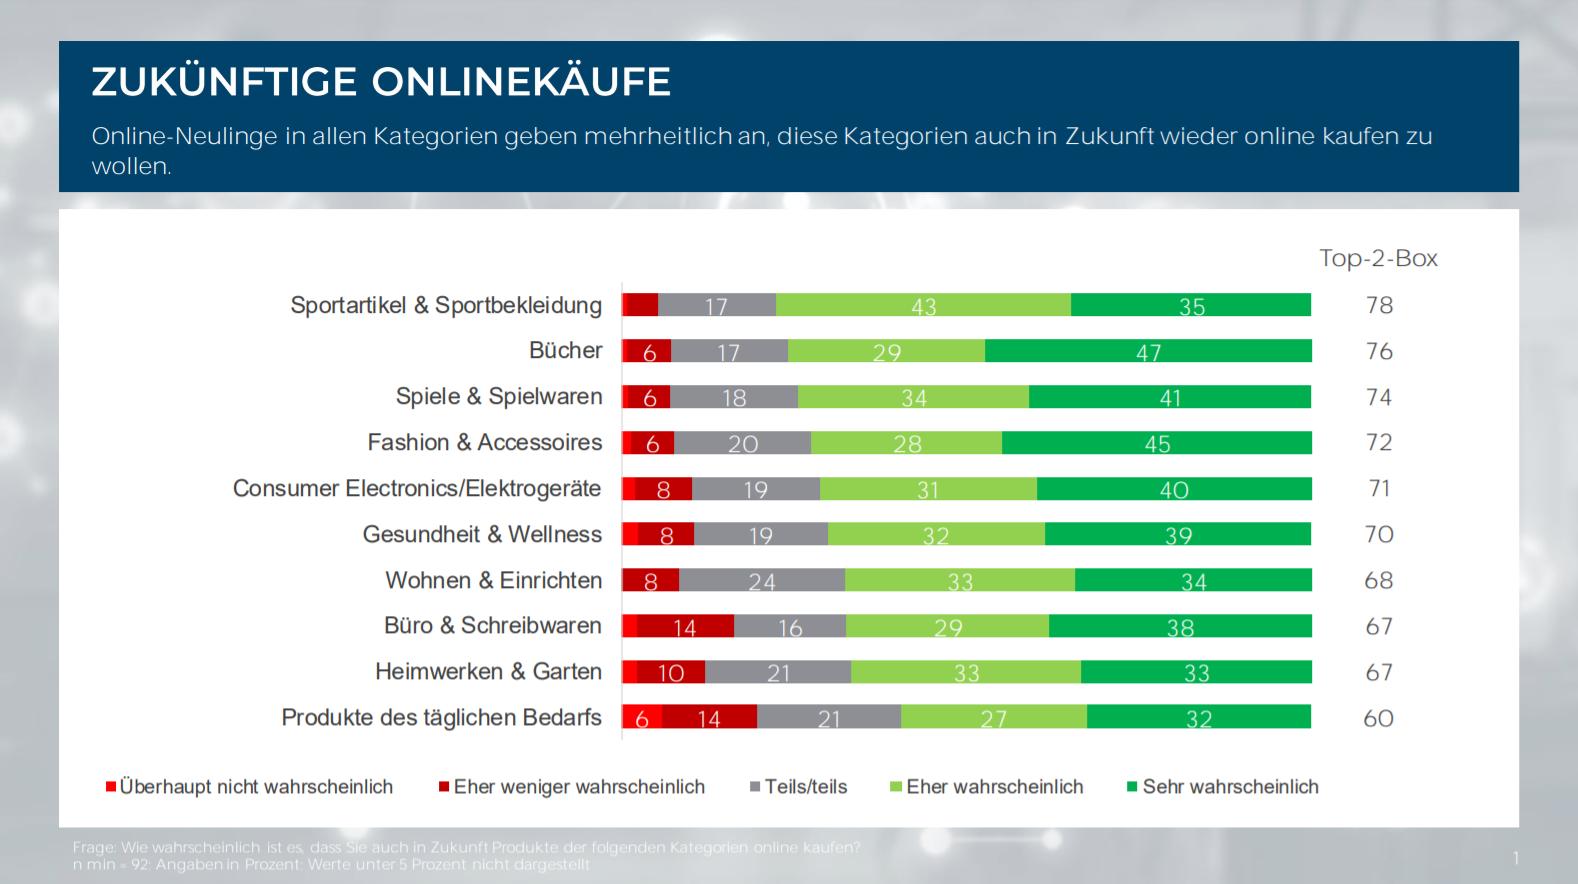 Online Neukunden wollen in ihren Kategorien auch in Zukunft online einkaufen / Quelle: IFH Köln 2020